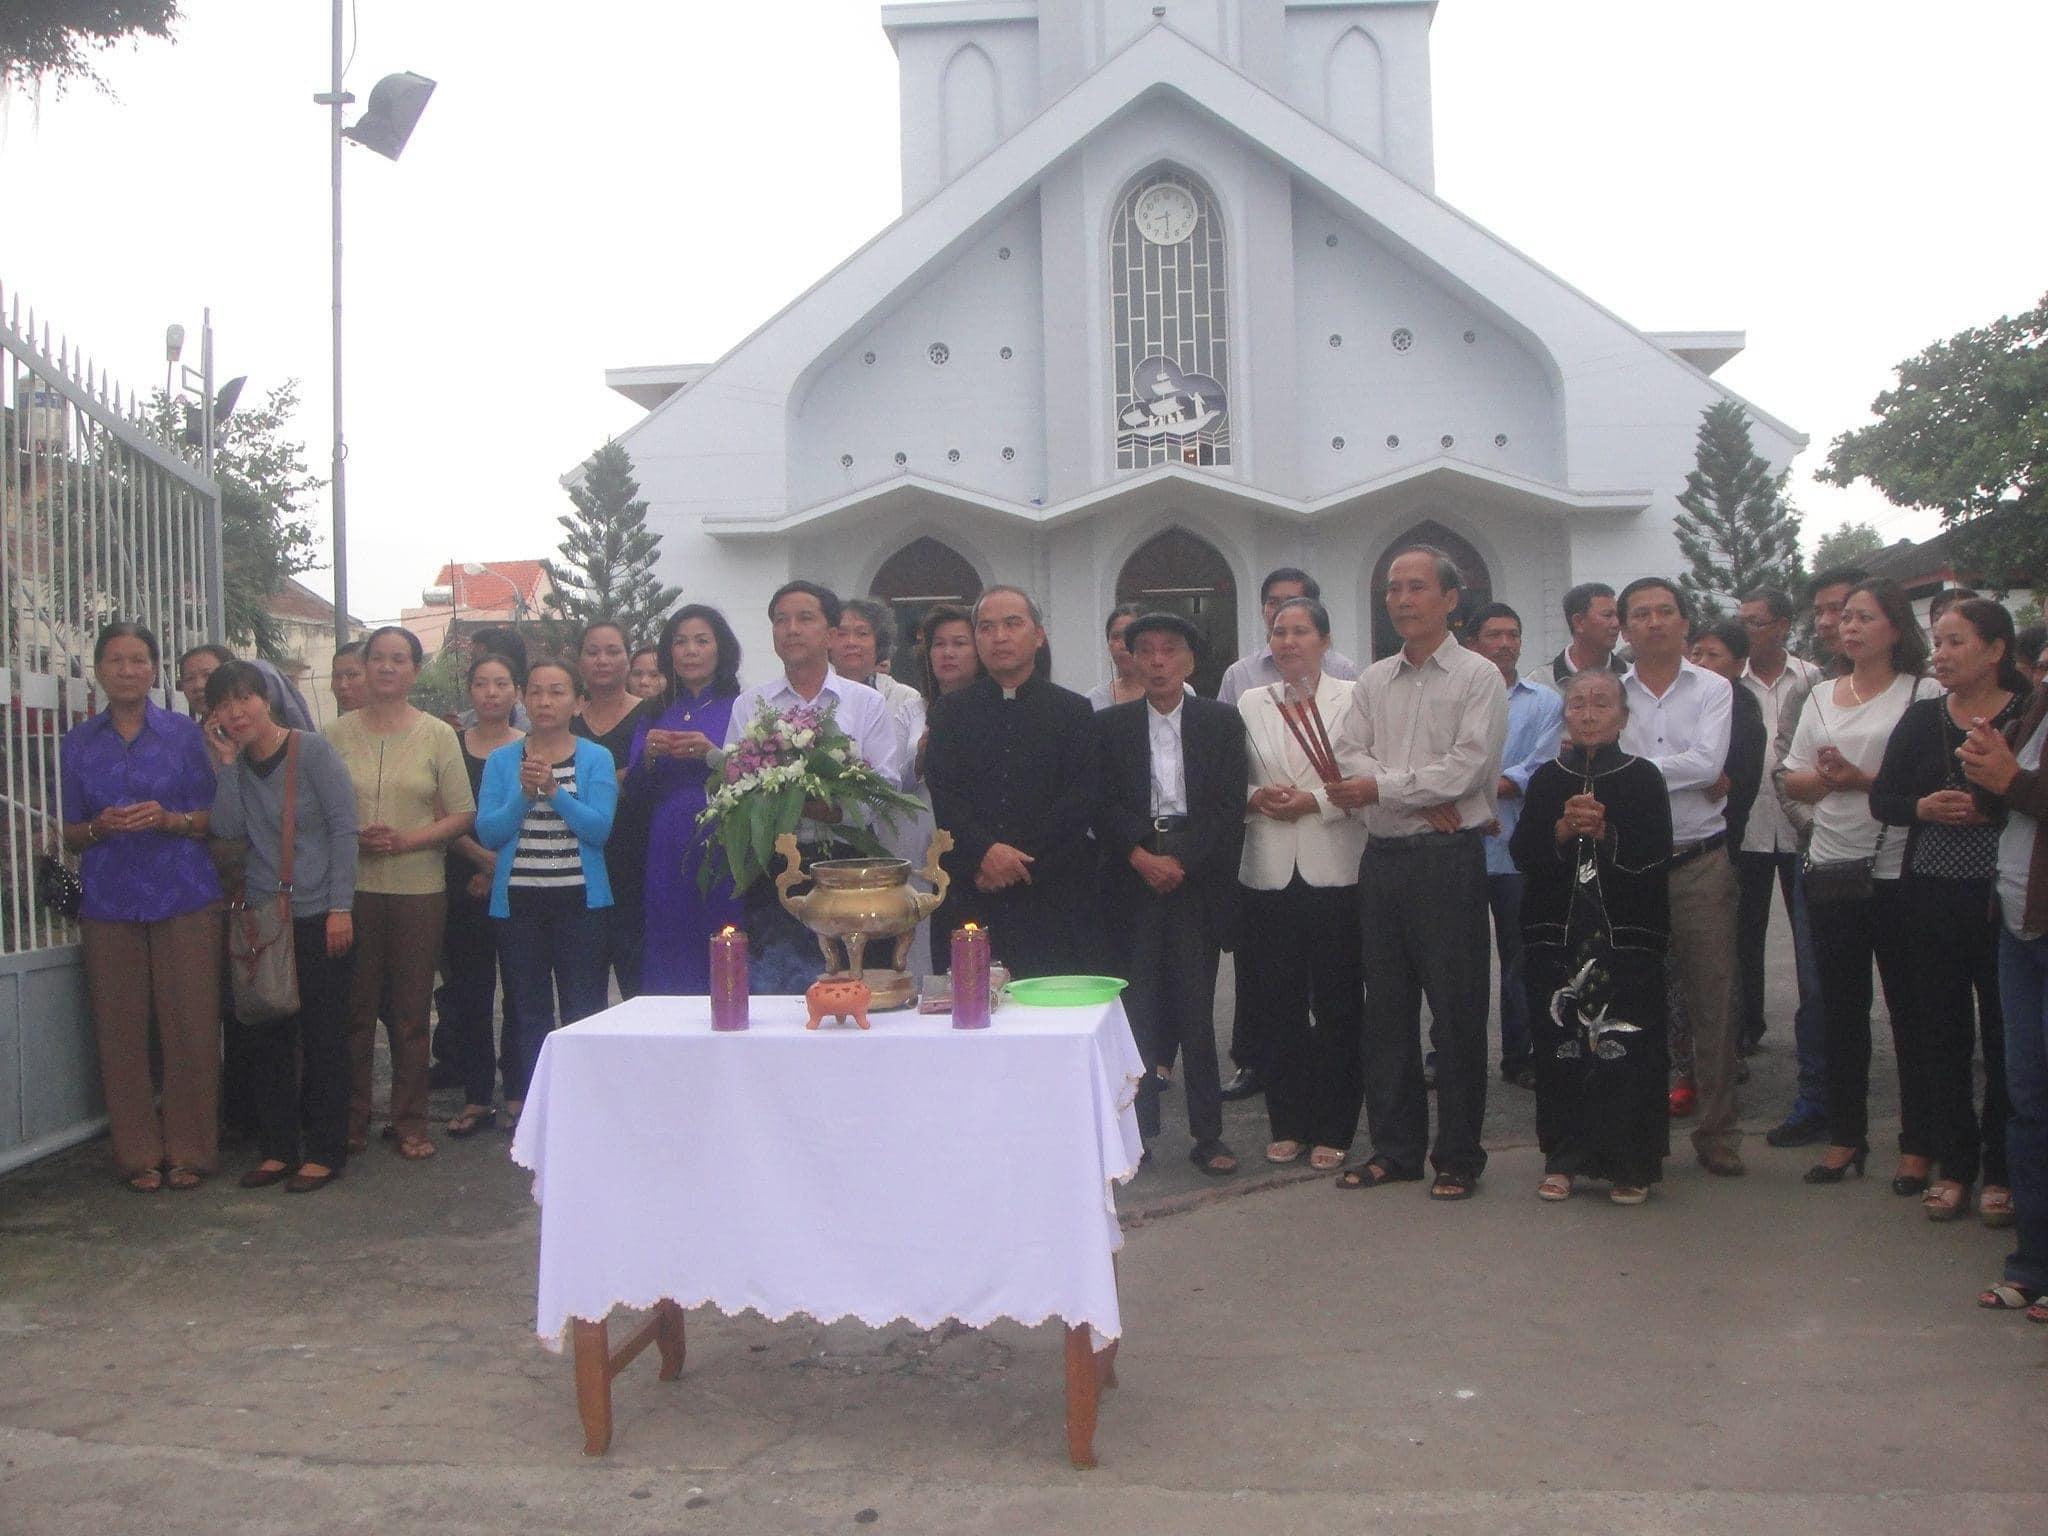 Ảnh hiếm: Cộng đoàn giáo xứ Hội An thương tiếc tiễn biệt HT.Thích Giác Tràng